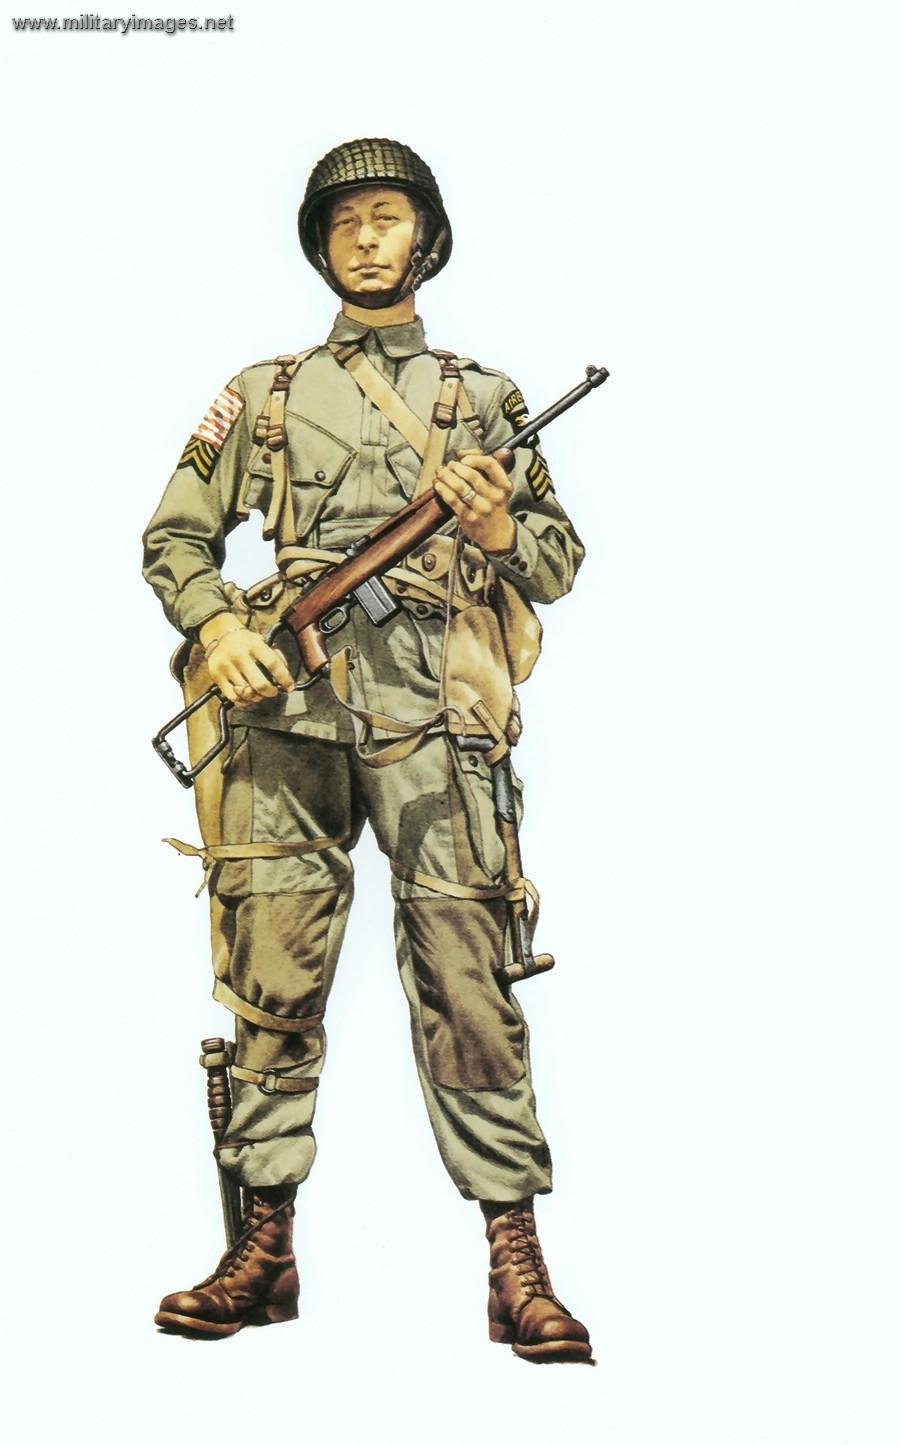 fatkiddown: World War II: The Battle of The Bulge, Bazooka ...